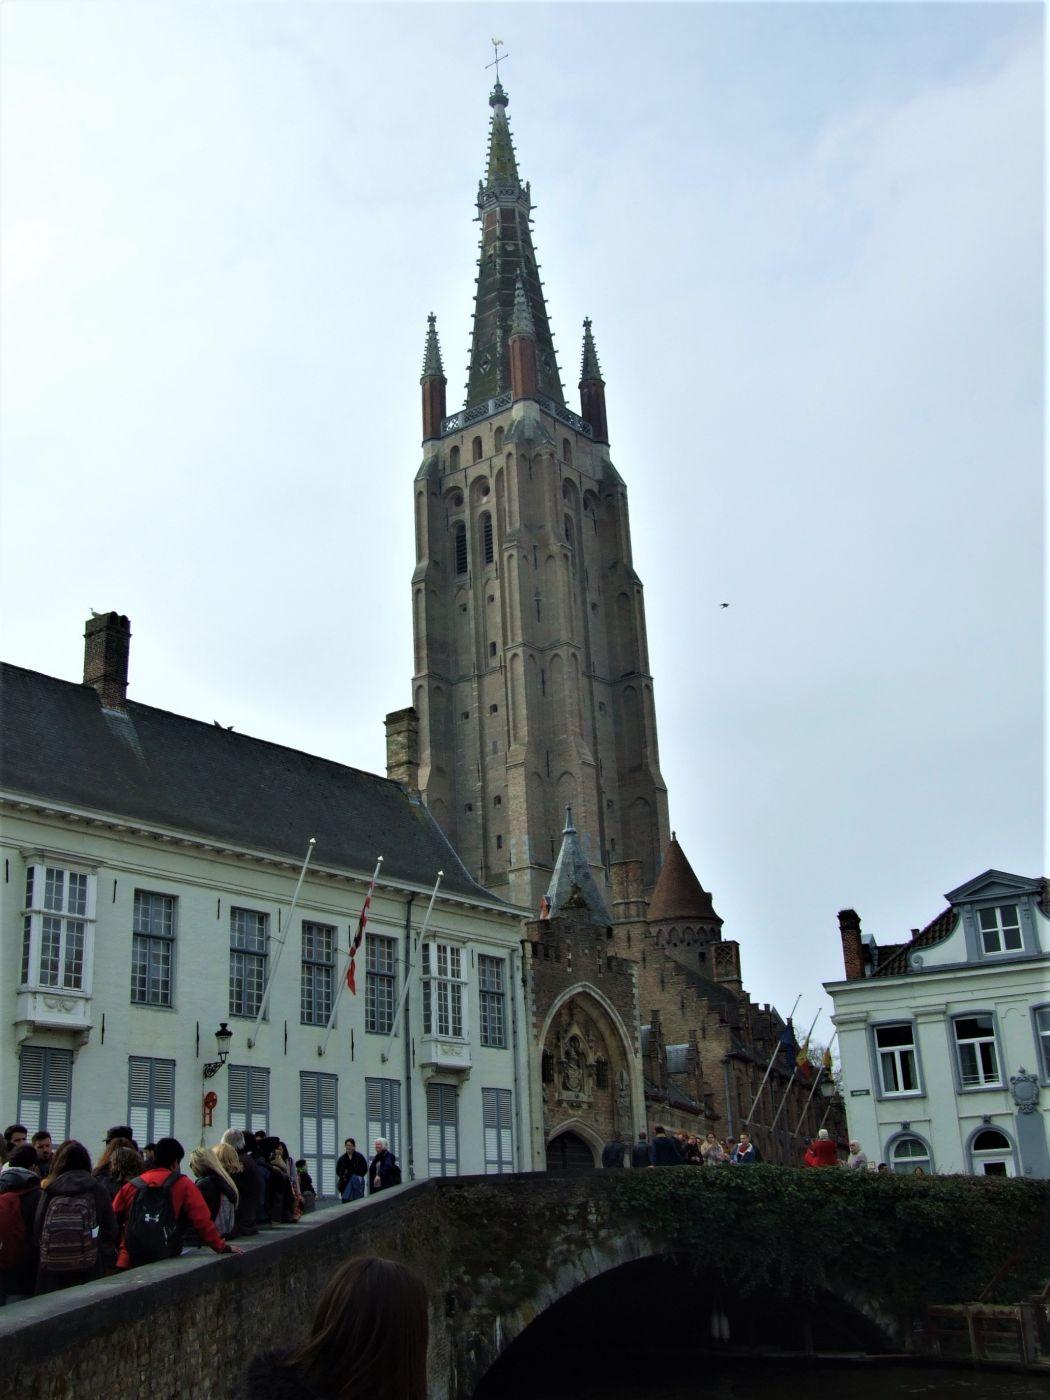 Brugge city centre, Belgium